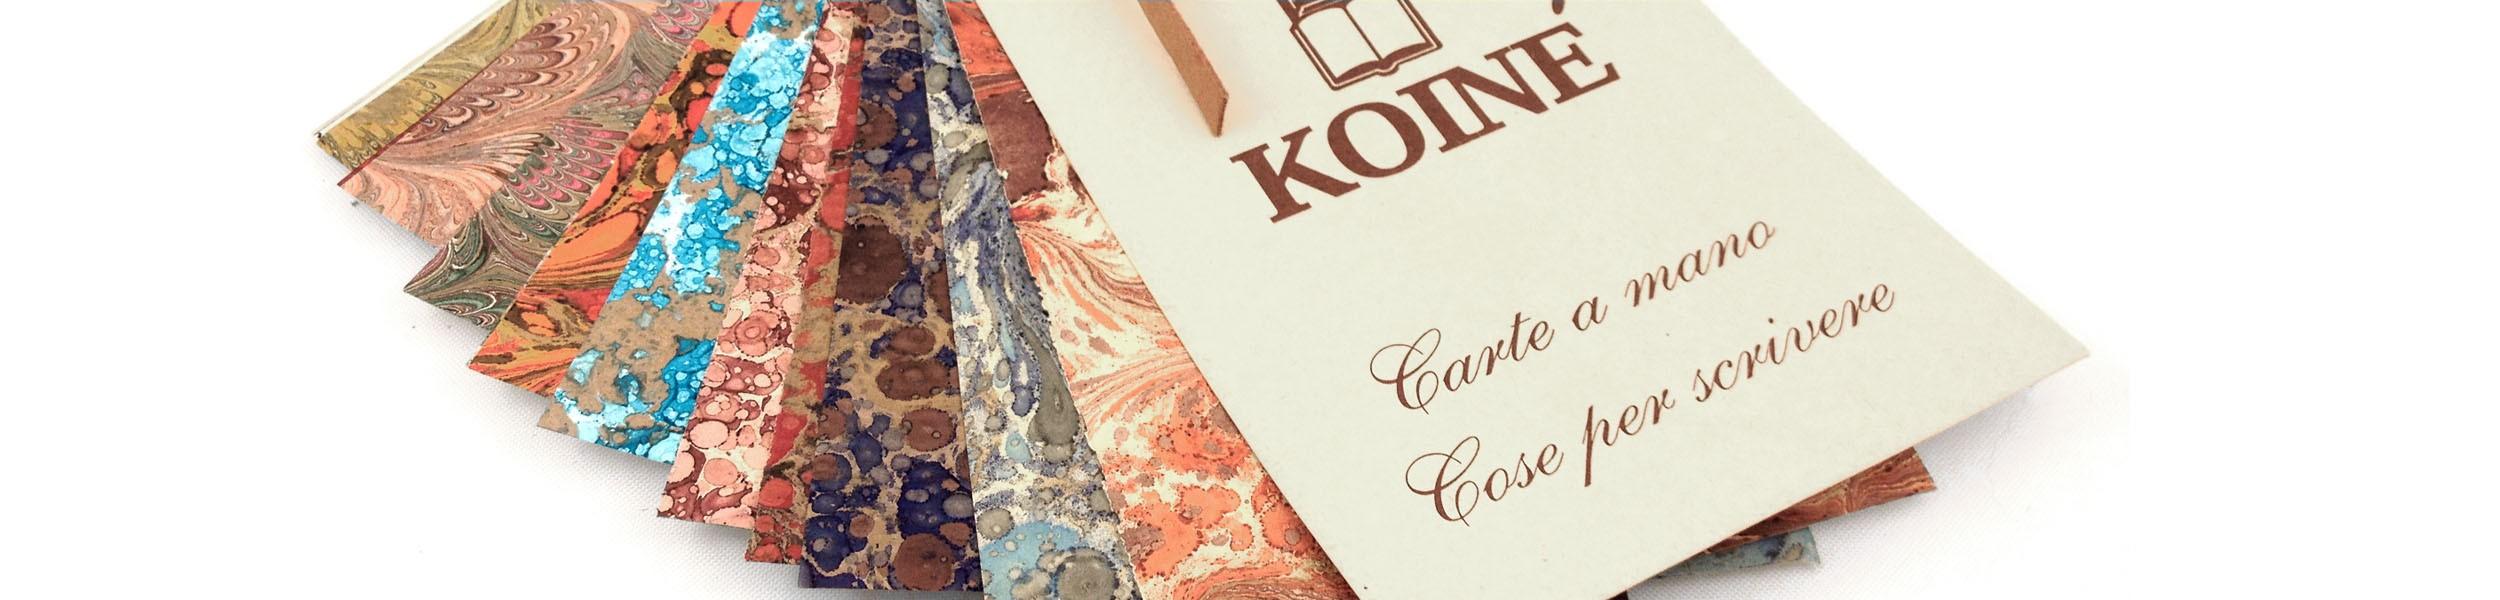 Papier marbré: la somptuosité des couleurs, goût et habilité artistique.